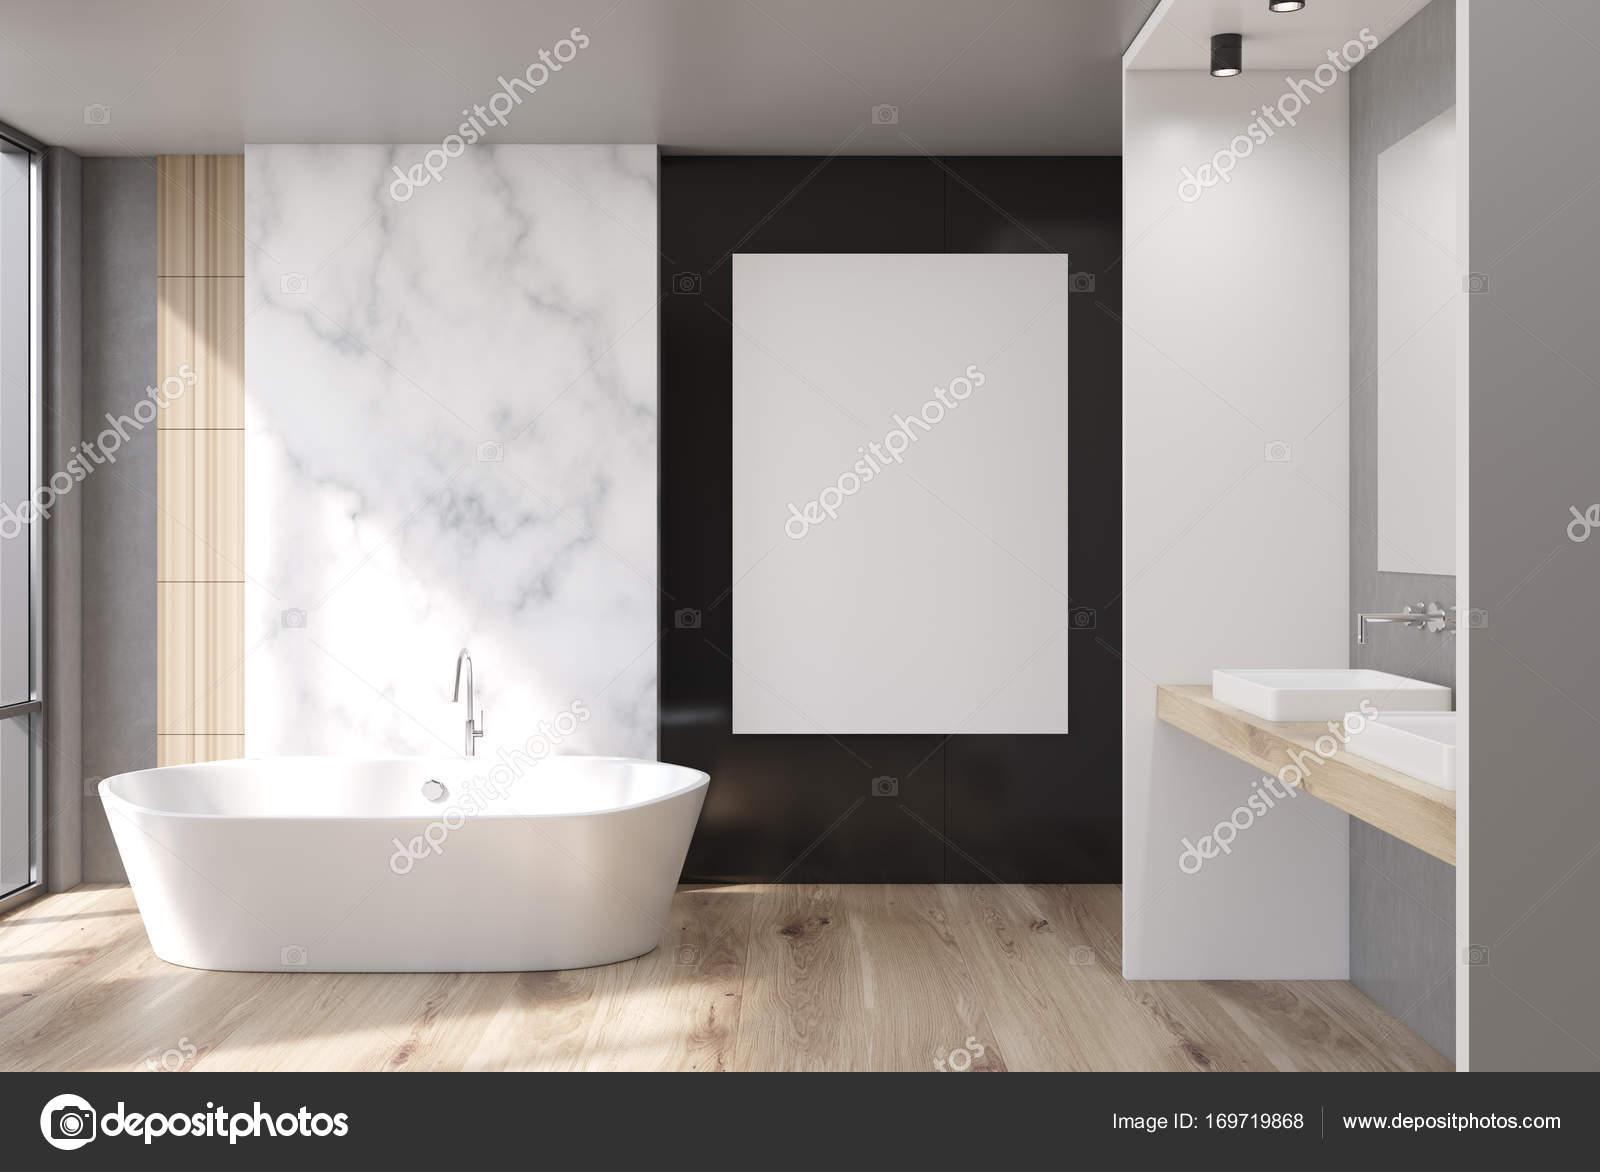 Mármol, cuarto de baño blanco y negro, cartel — Foto de stock ...